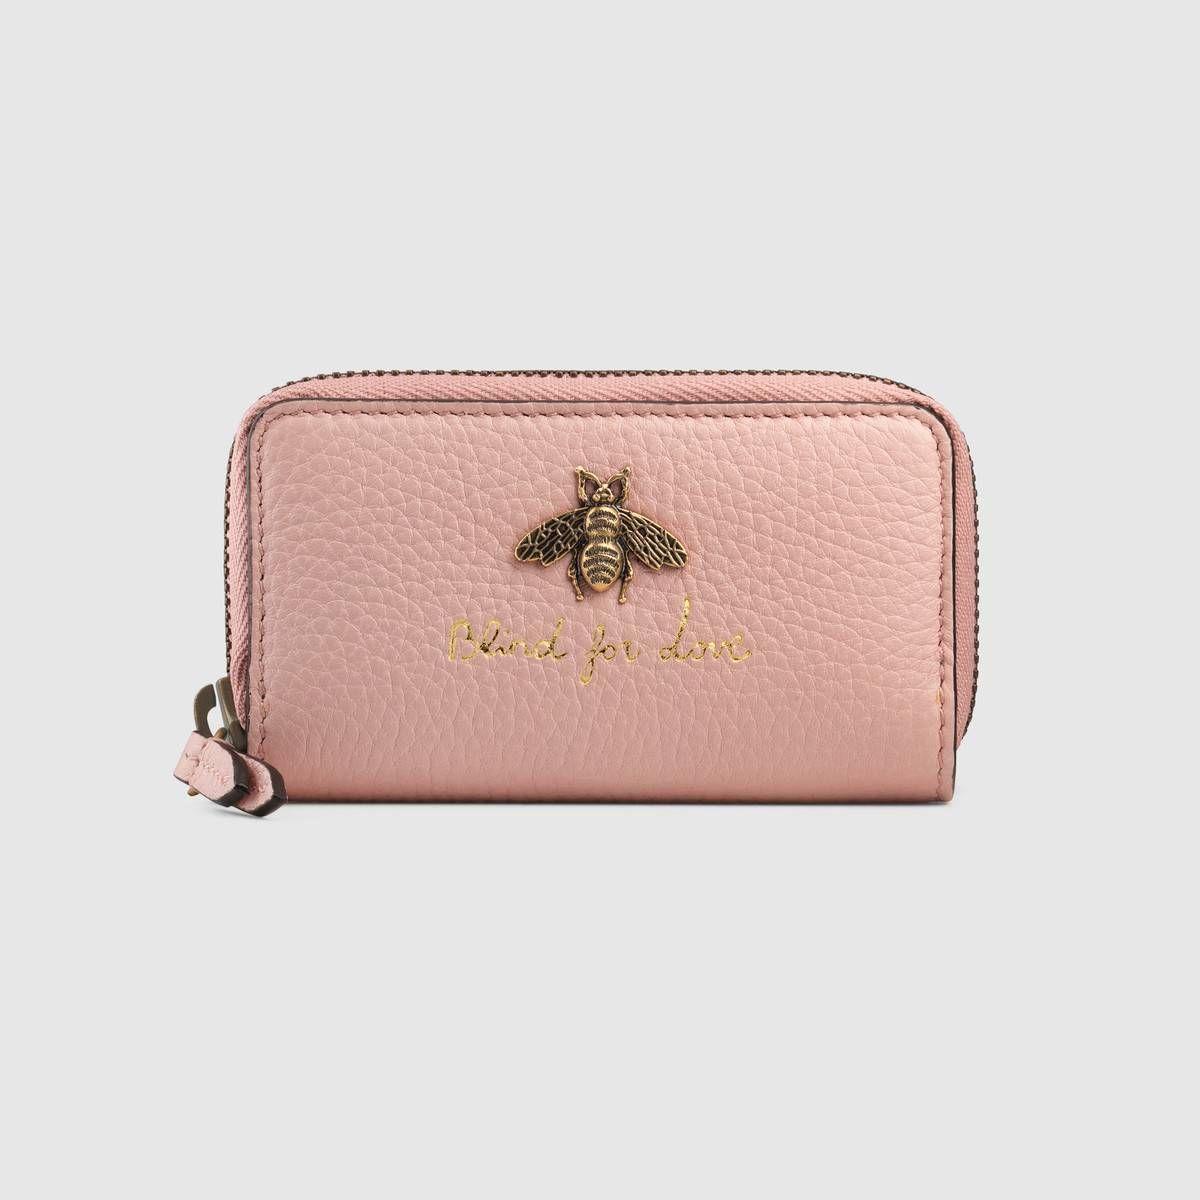 Gucci animalier key case detail 2 wallets for women